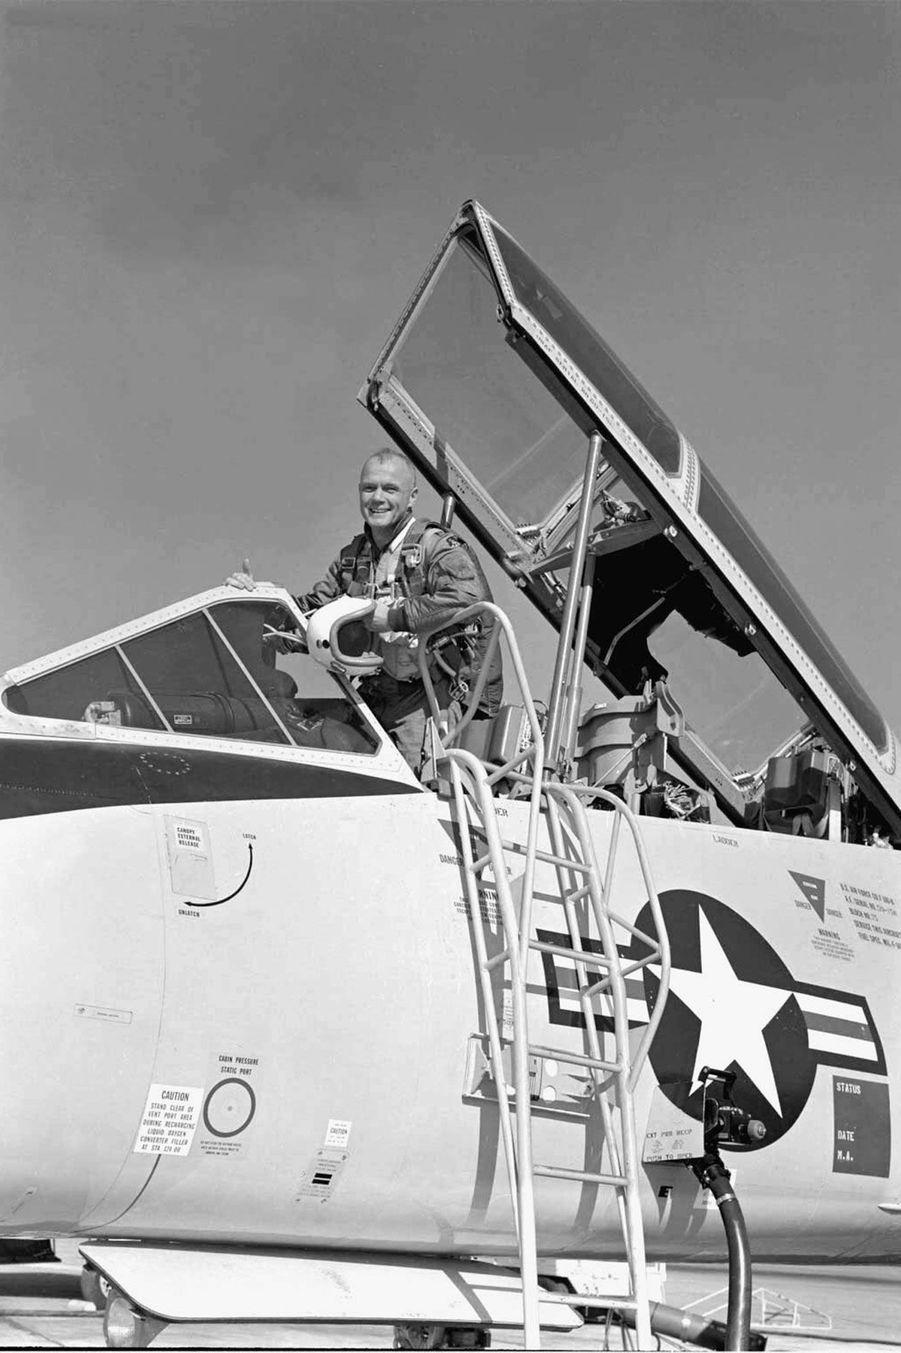 John Glenn était dans la marine américaine avant de devenir astronaute, 1961